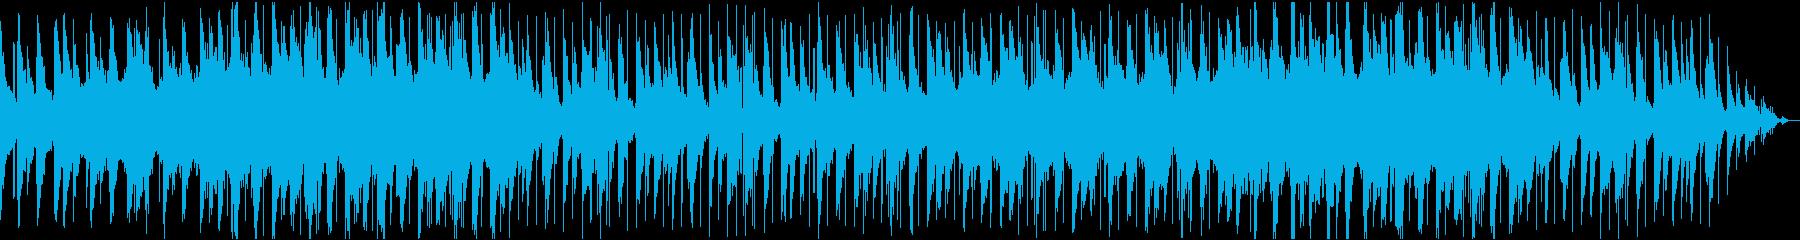 Lo-Fi エレキギター ピアノの再生済みの波形